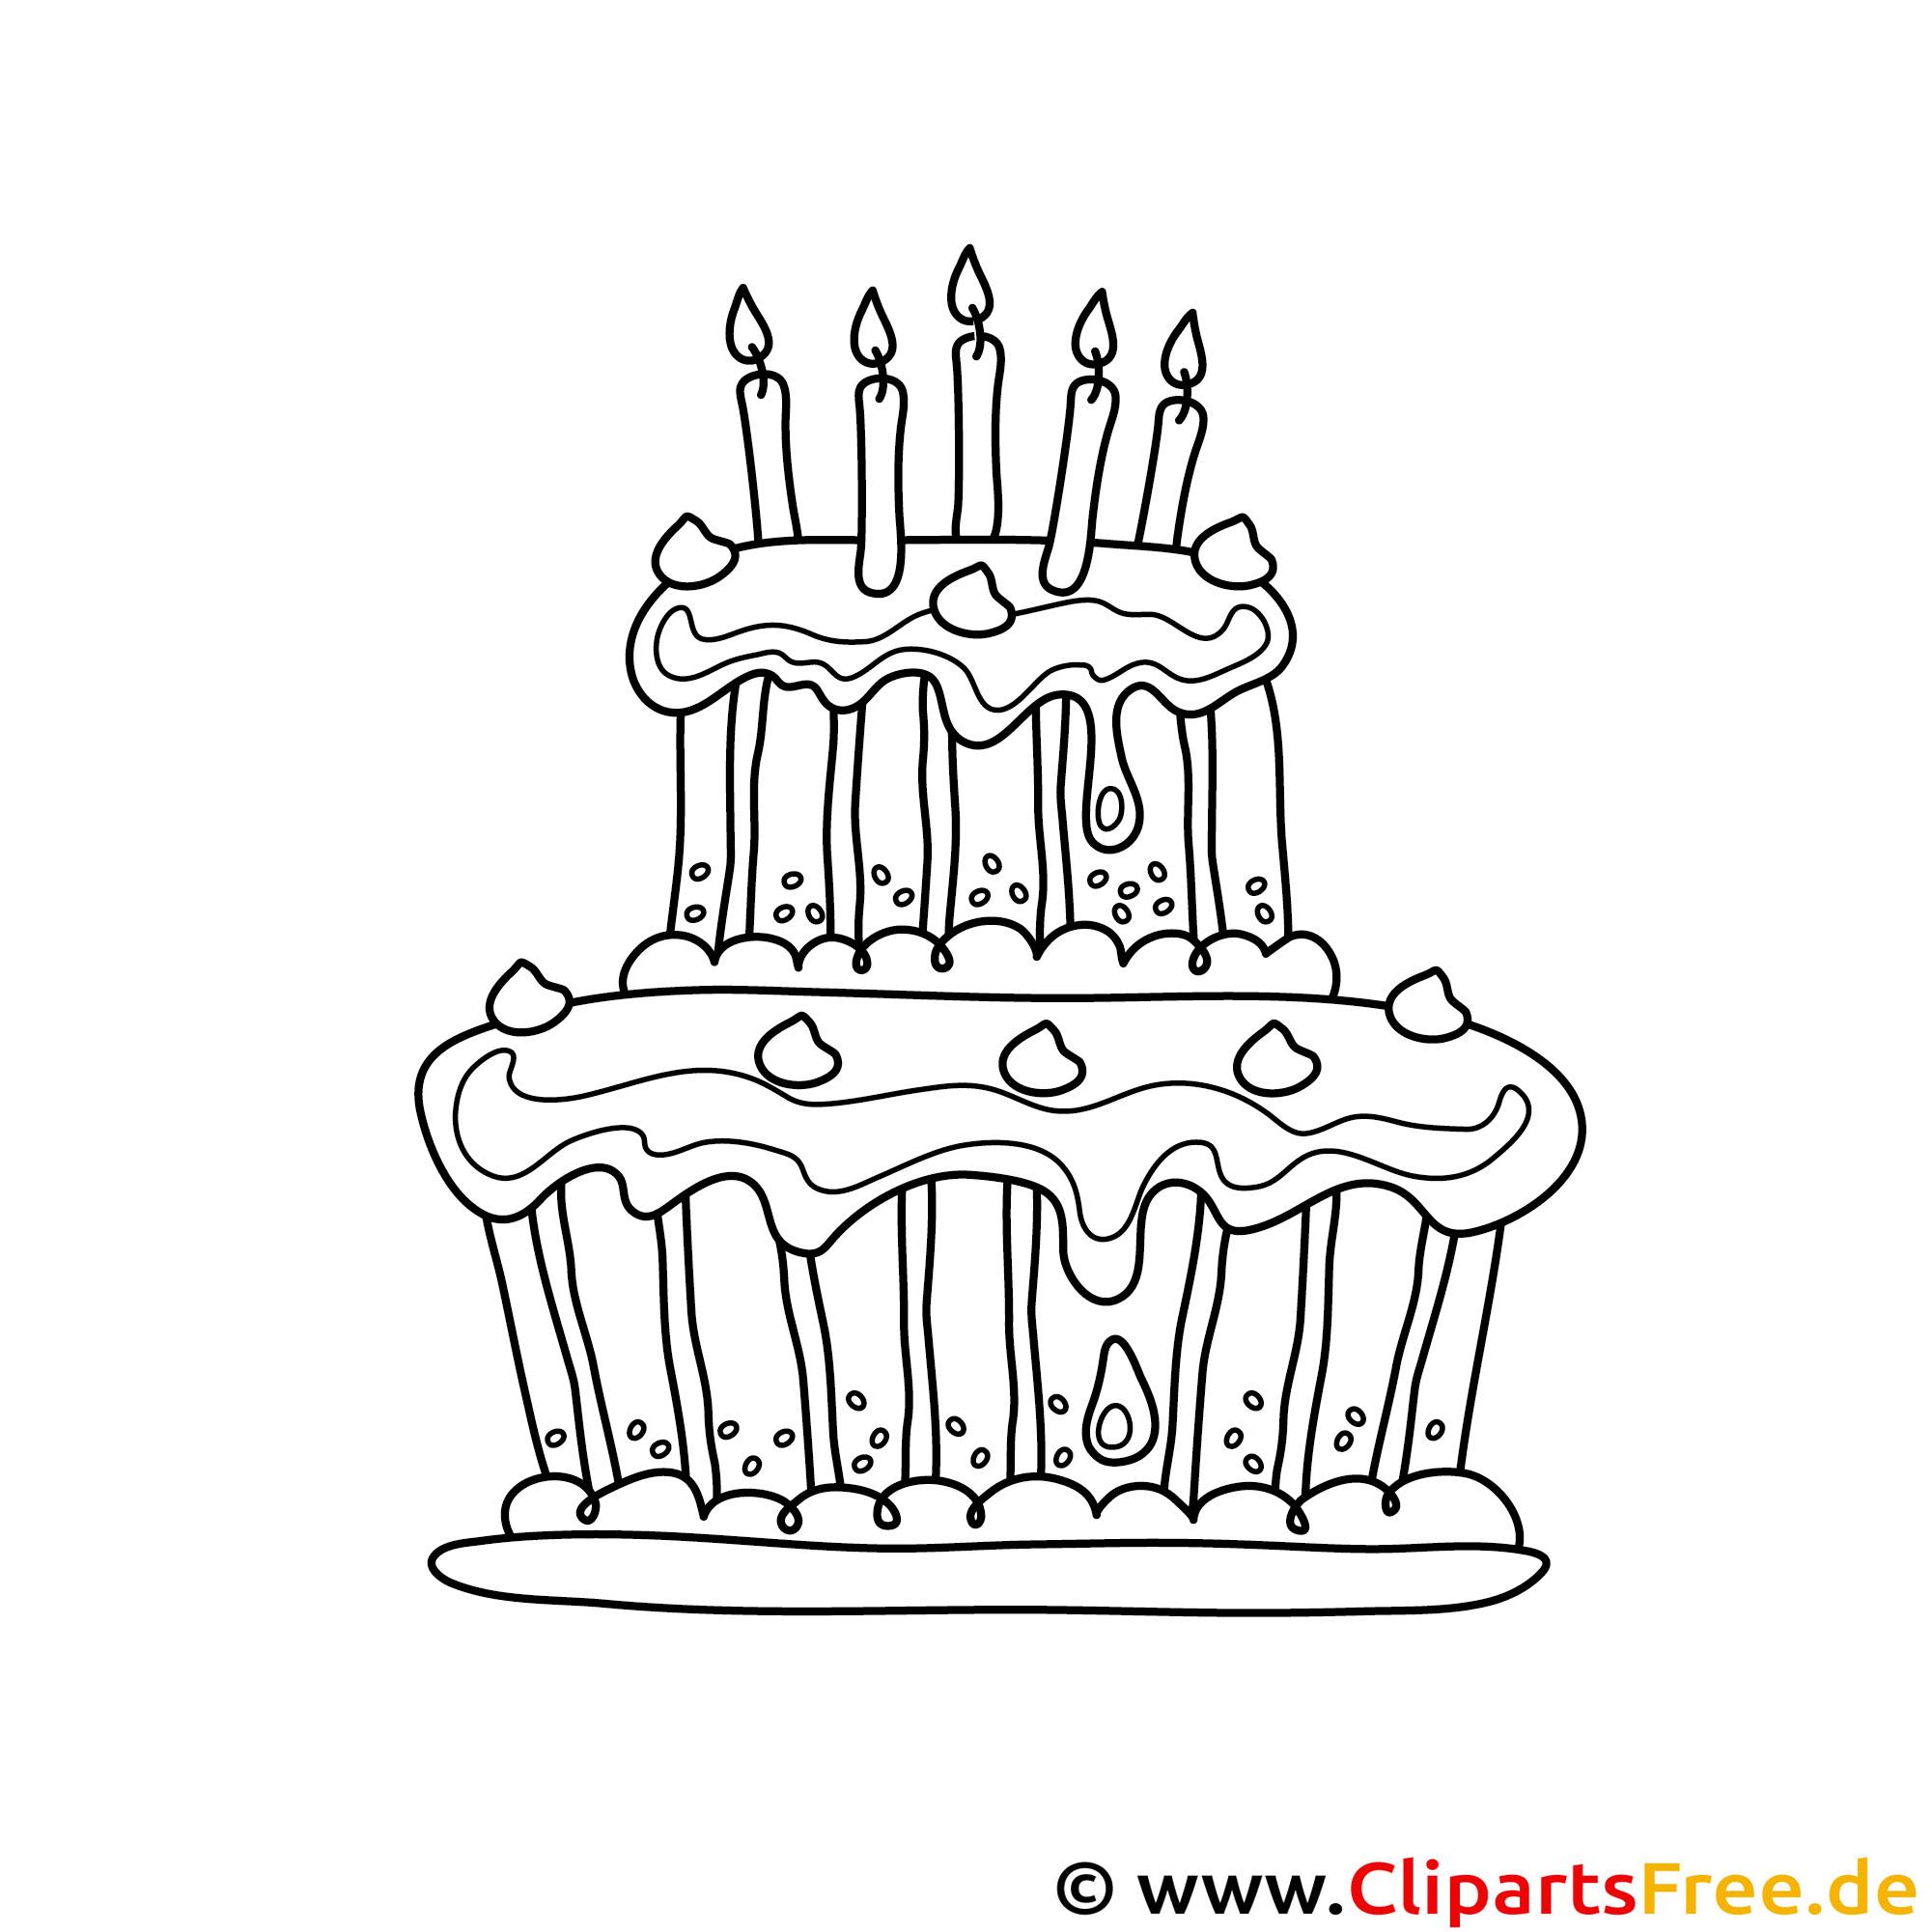 Kuchen mit Kerzen Malvorlage gratis